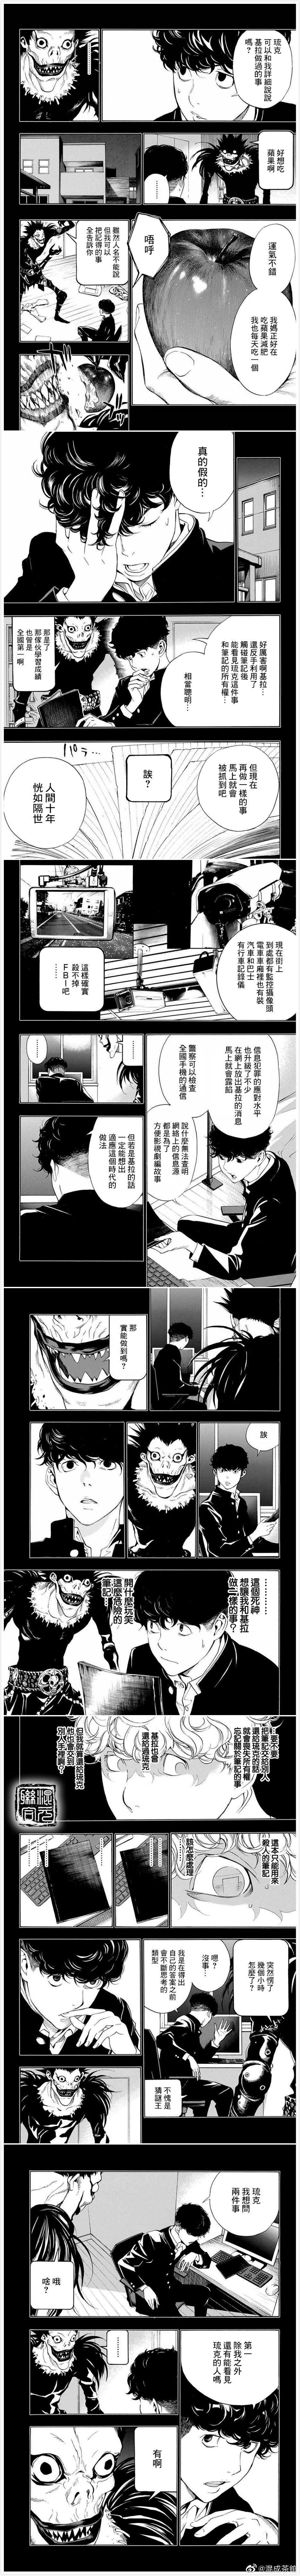 大场鸫x小畑健「DEATH NOTE」全新短篇 DEATH NOTE ACG资讯 第6张